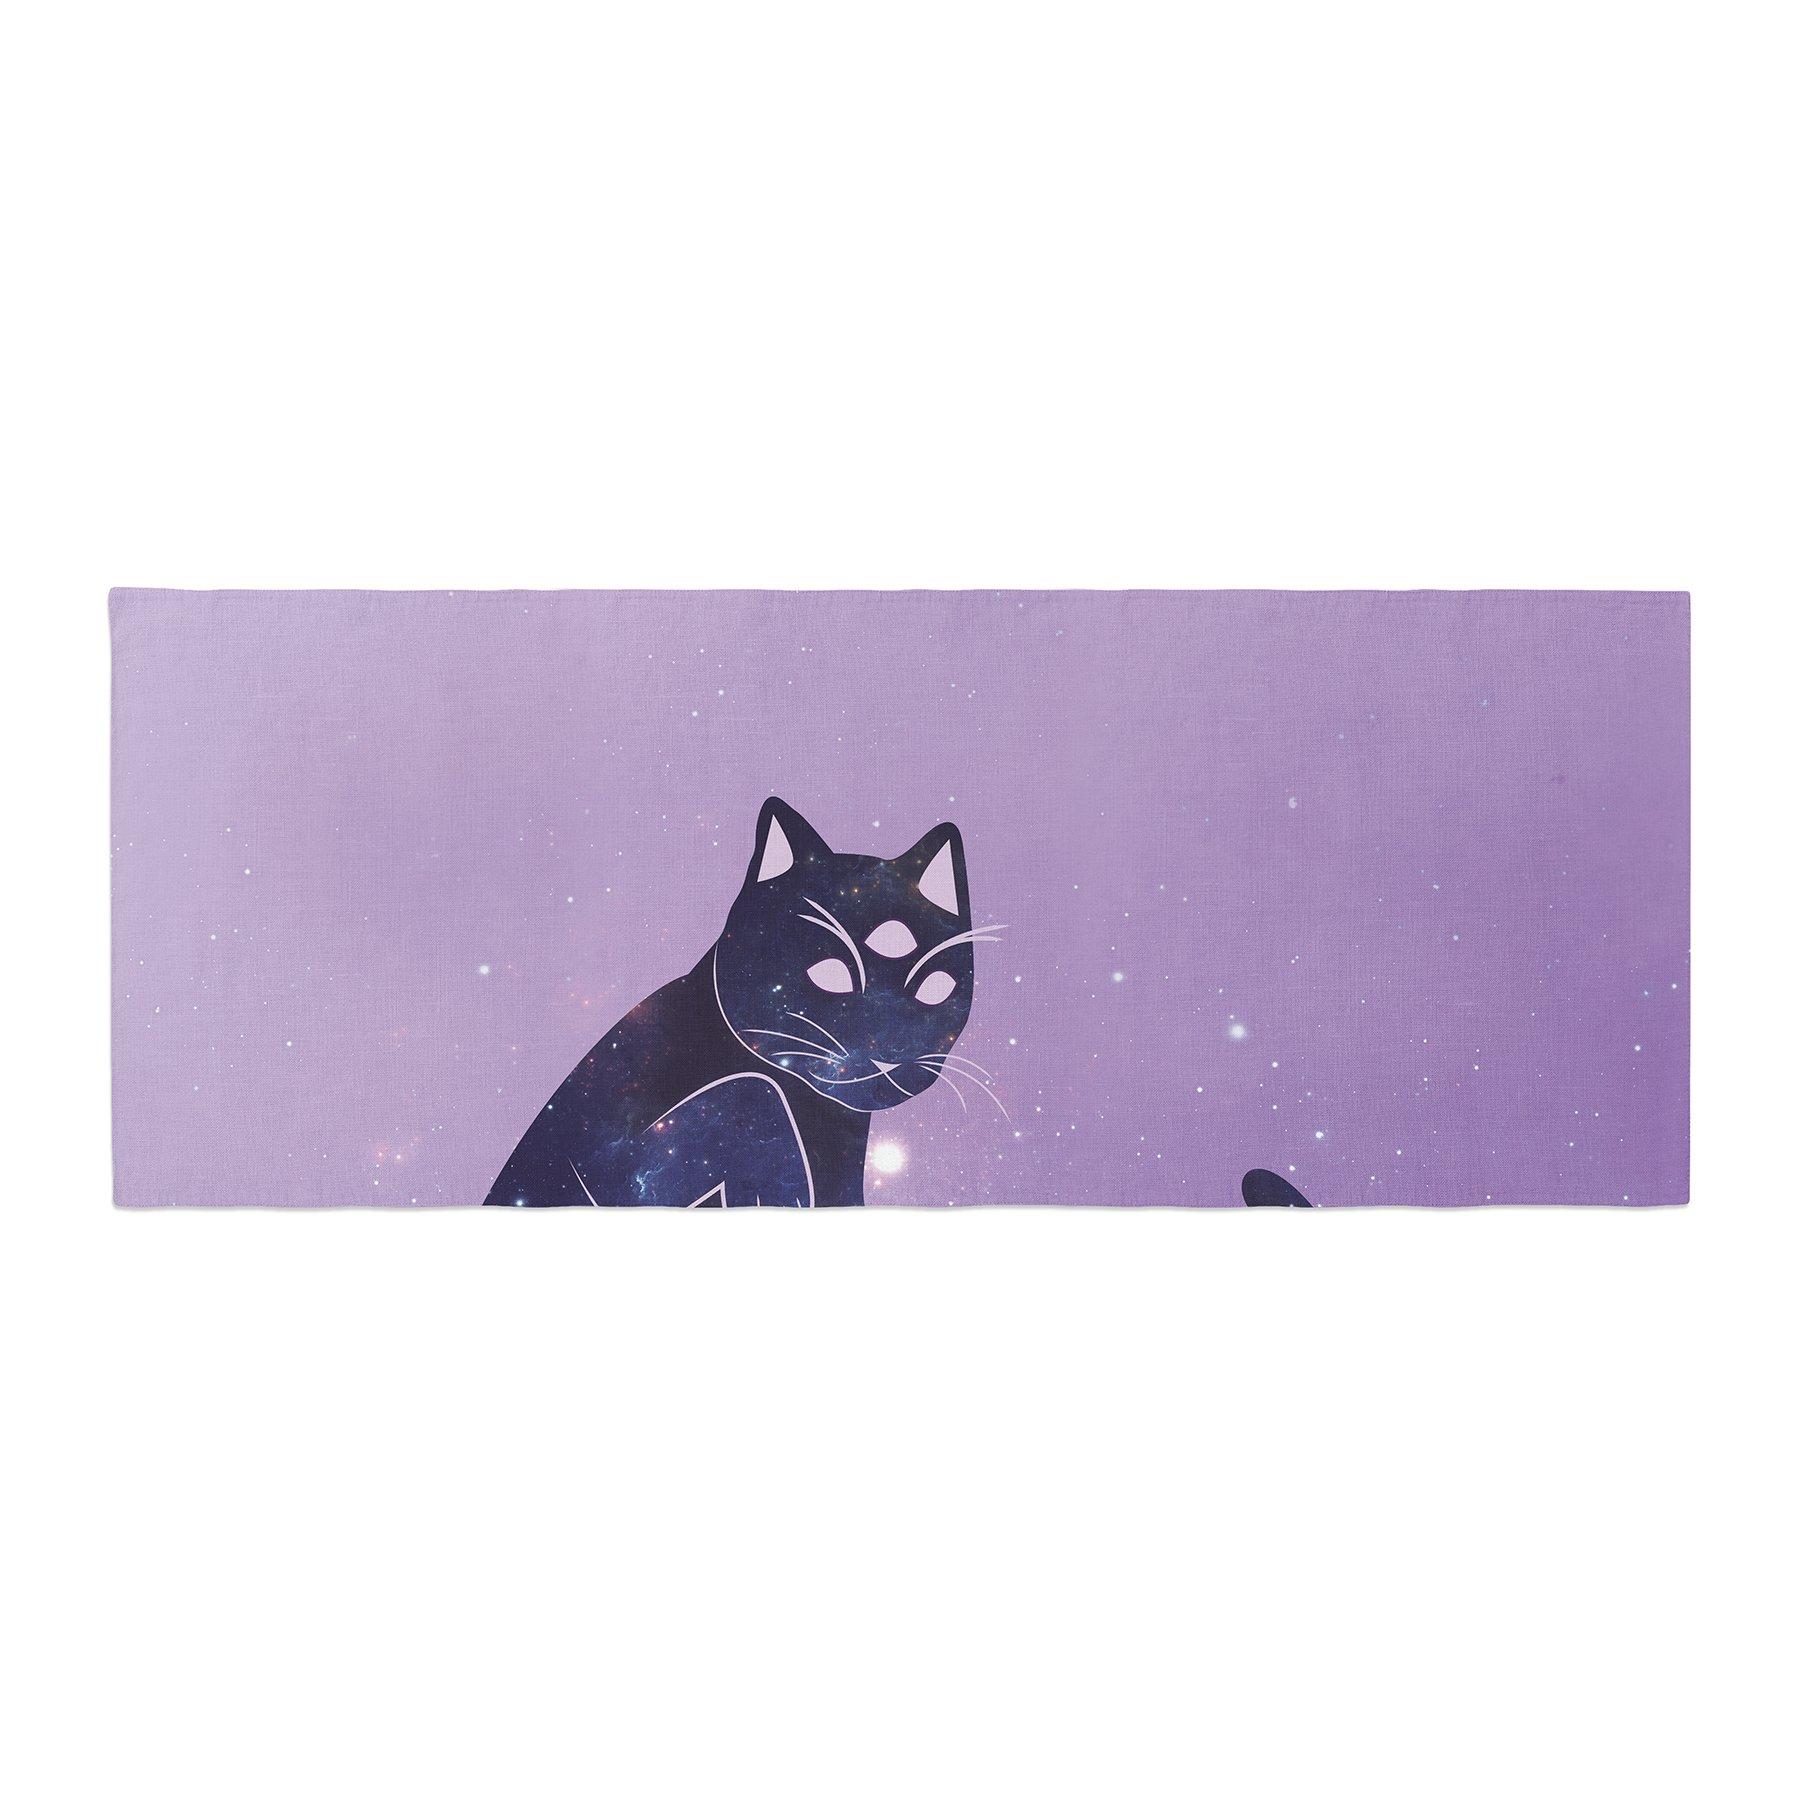 Kess InHouse KESS Original Cosmic Kitten Celestial Animal Bed Runner, 34'' x 86''